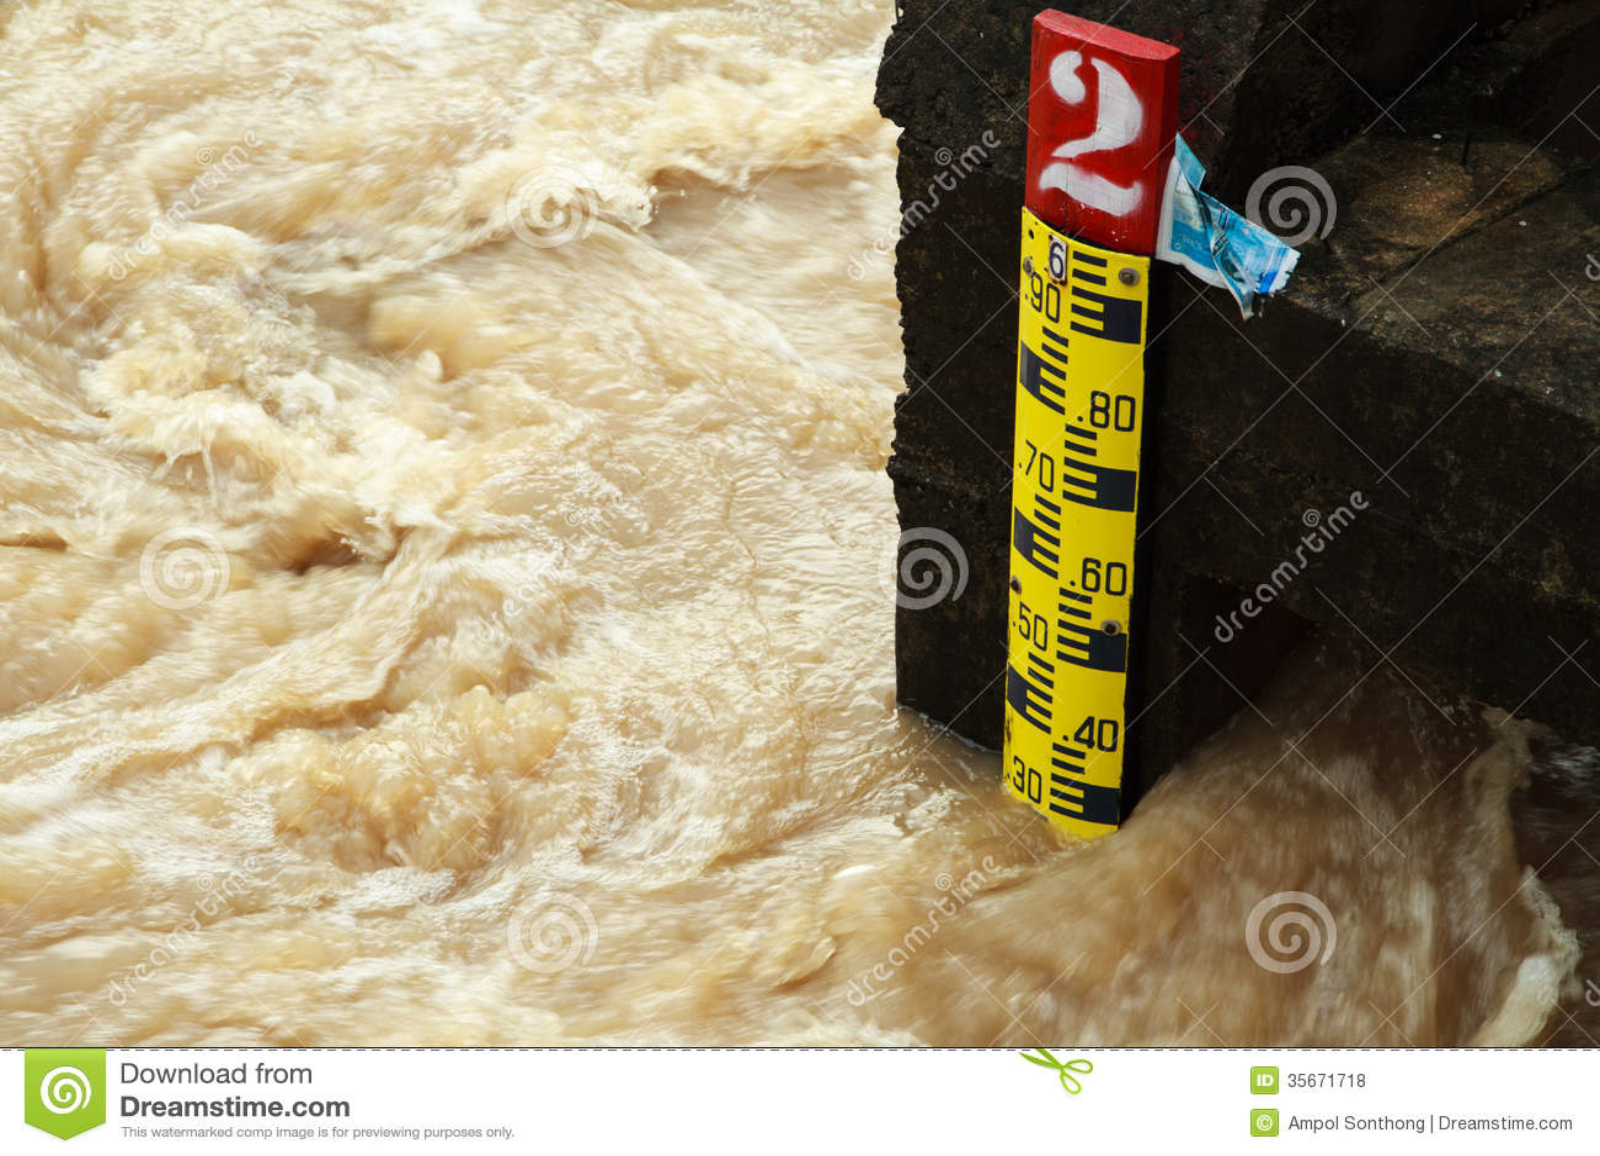 Règle indiquant la taille de l eau